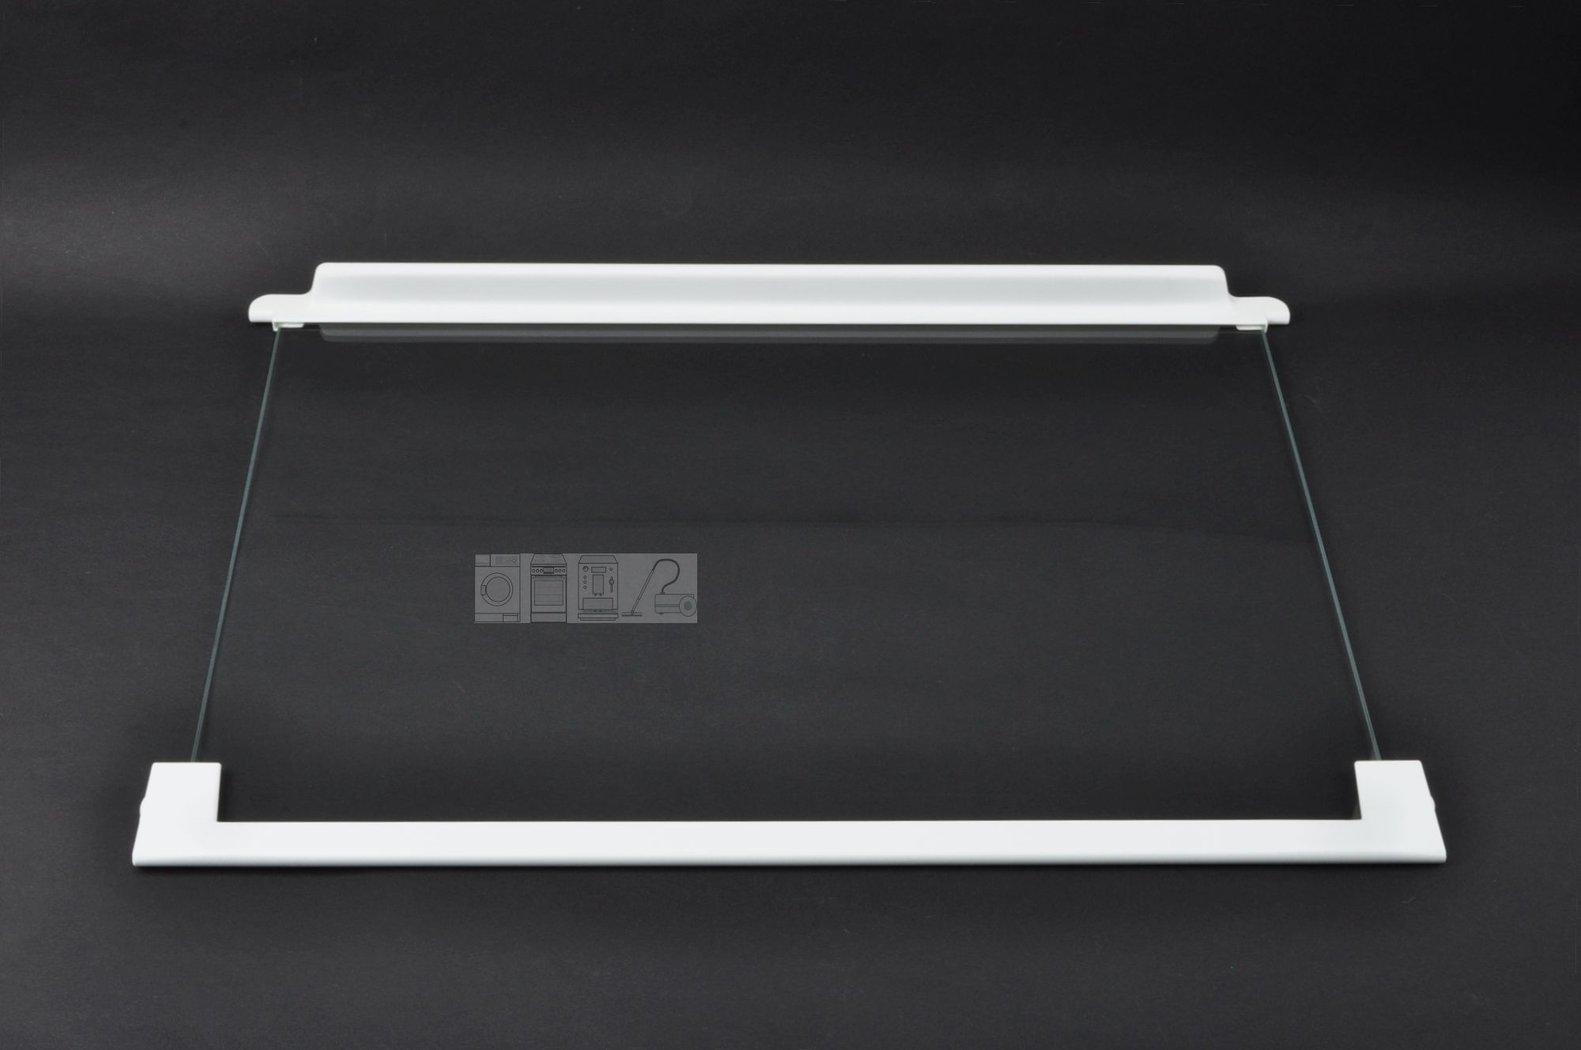 Kühlschrank Zubehör Glasplatte : Aeg glasplatte kühlschrank ablage mm einlege boden fach